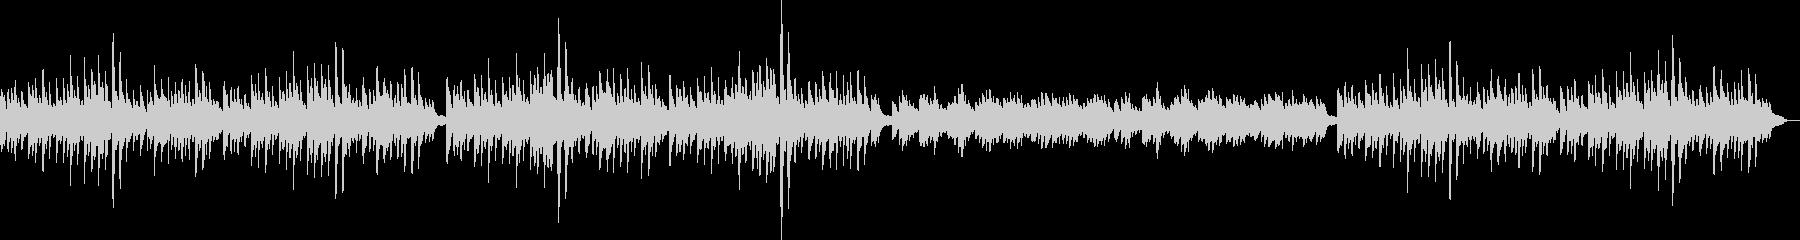 静かで可愛らしい音色のリラクゼーションの未再生の波形